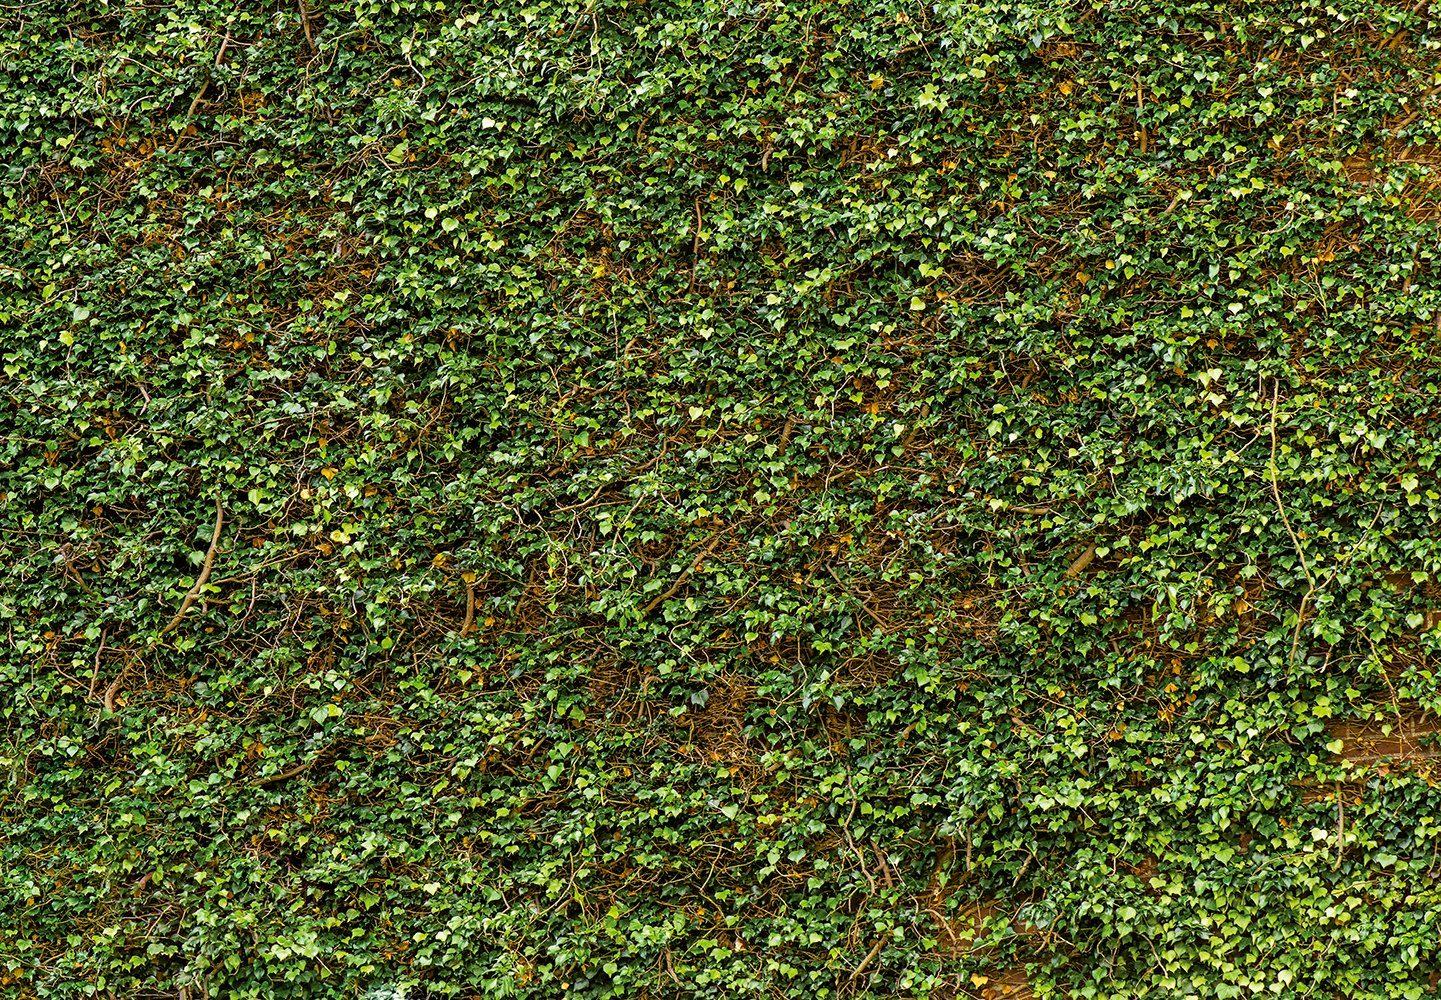 Vliestapete »Ivy Wall«, 366x254cm, 8-teilig